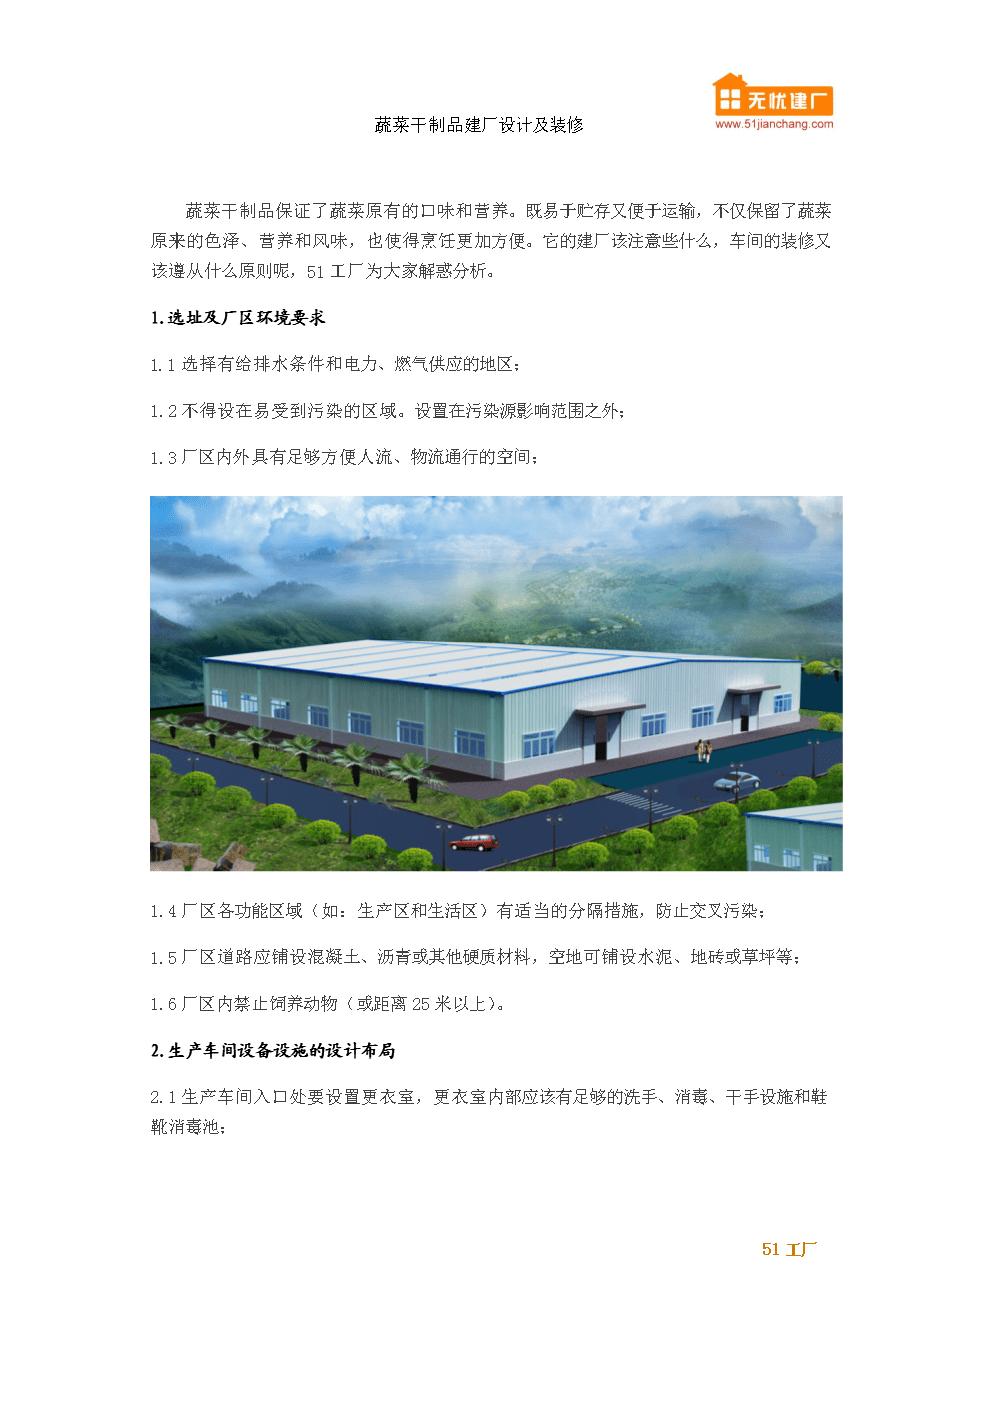 蔬菜干制品建厂设计及装修要求.docx